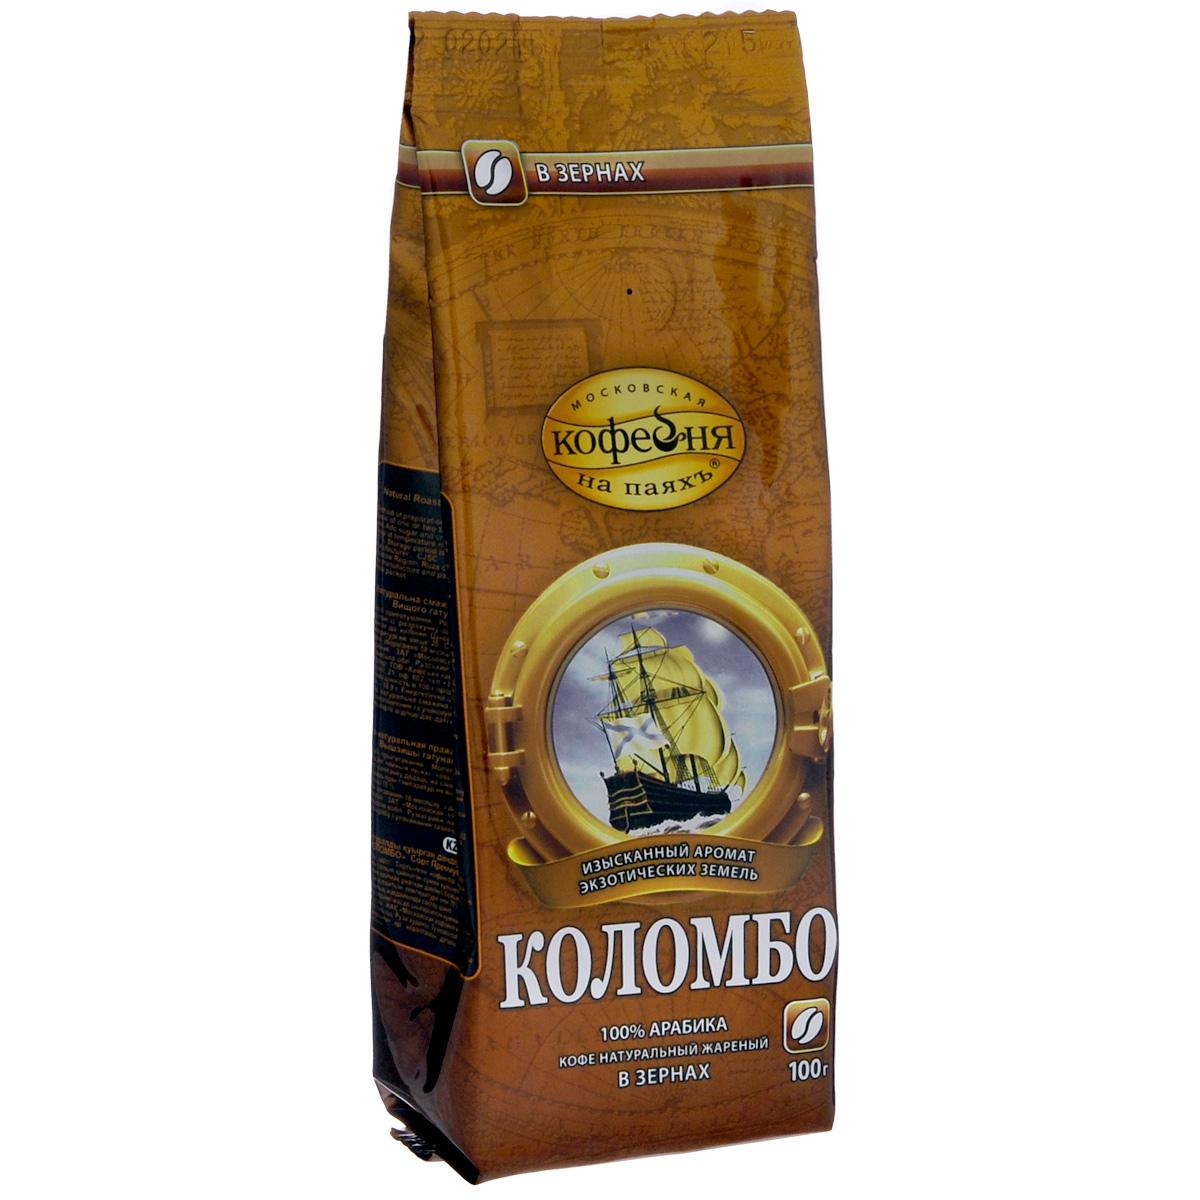 Московская кофейня на паяхъ Коломбо кофе в зернах, 100 г